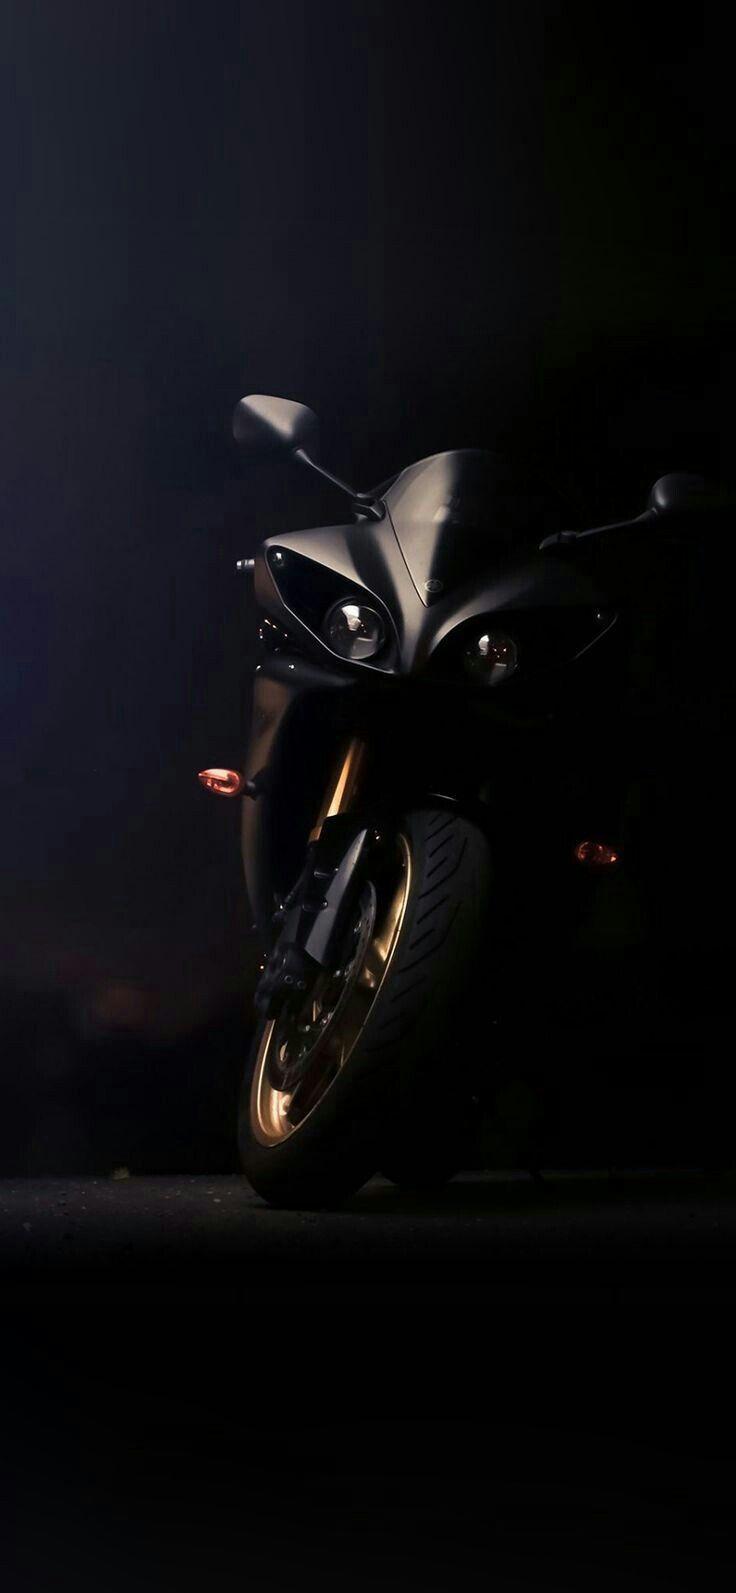 Pin De Austin Green Em Wish Motos Esportivas Motos Carros